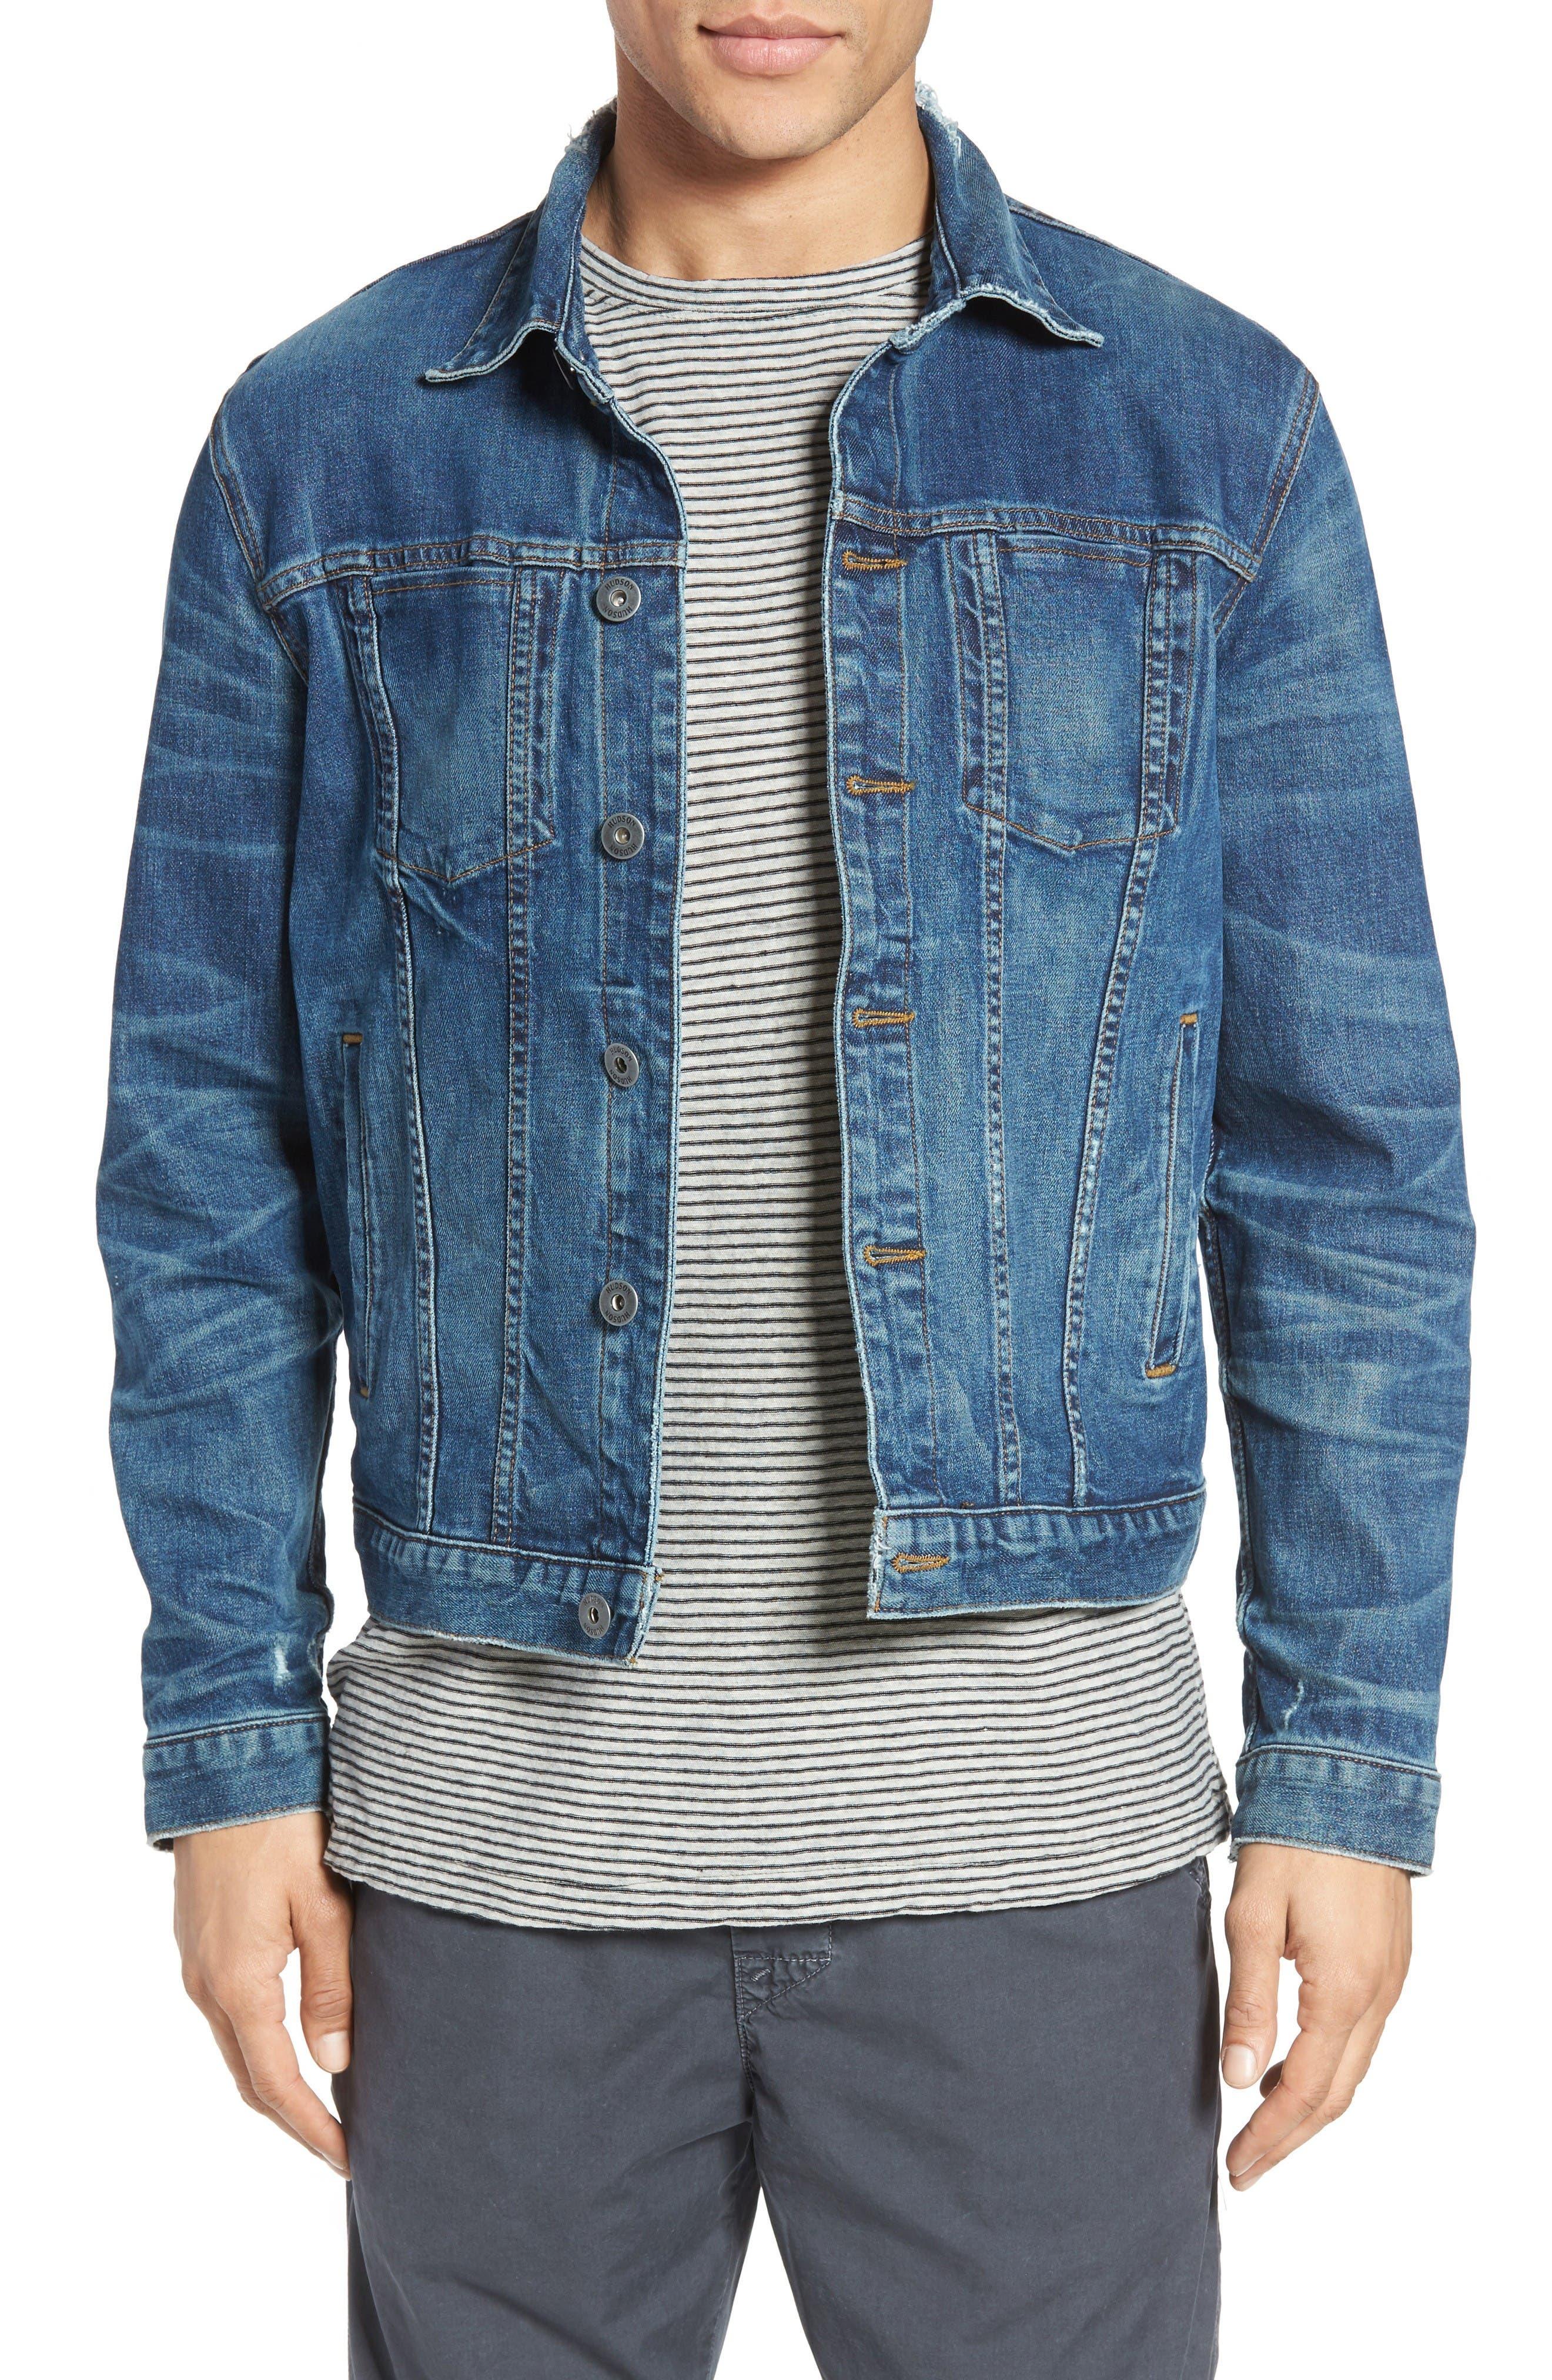 Broc Denim Jacket,                         Main,                         color, Aspirant